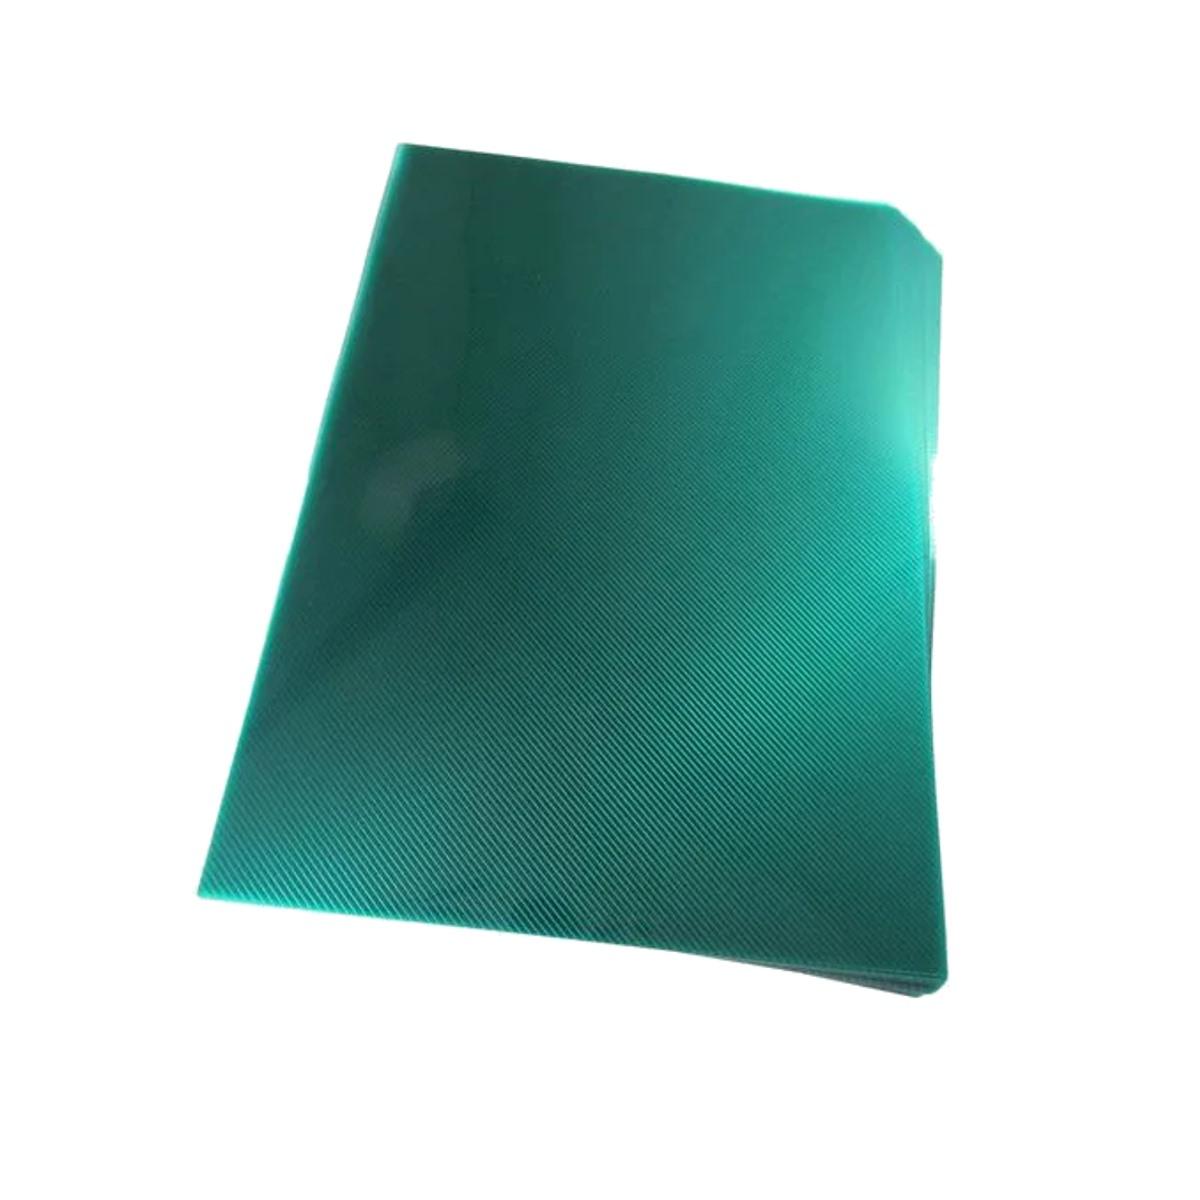 Capa para encadernação A4 Verde PP Line 0,30mm 100un